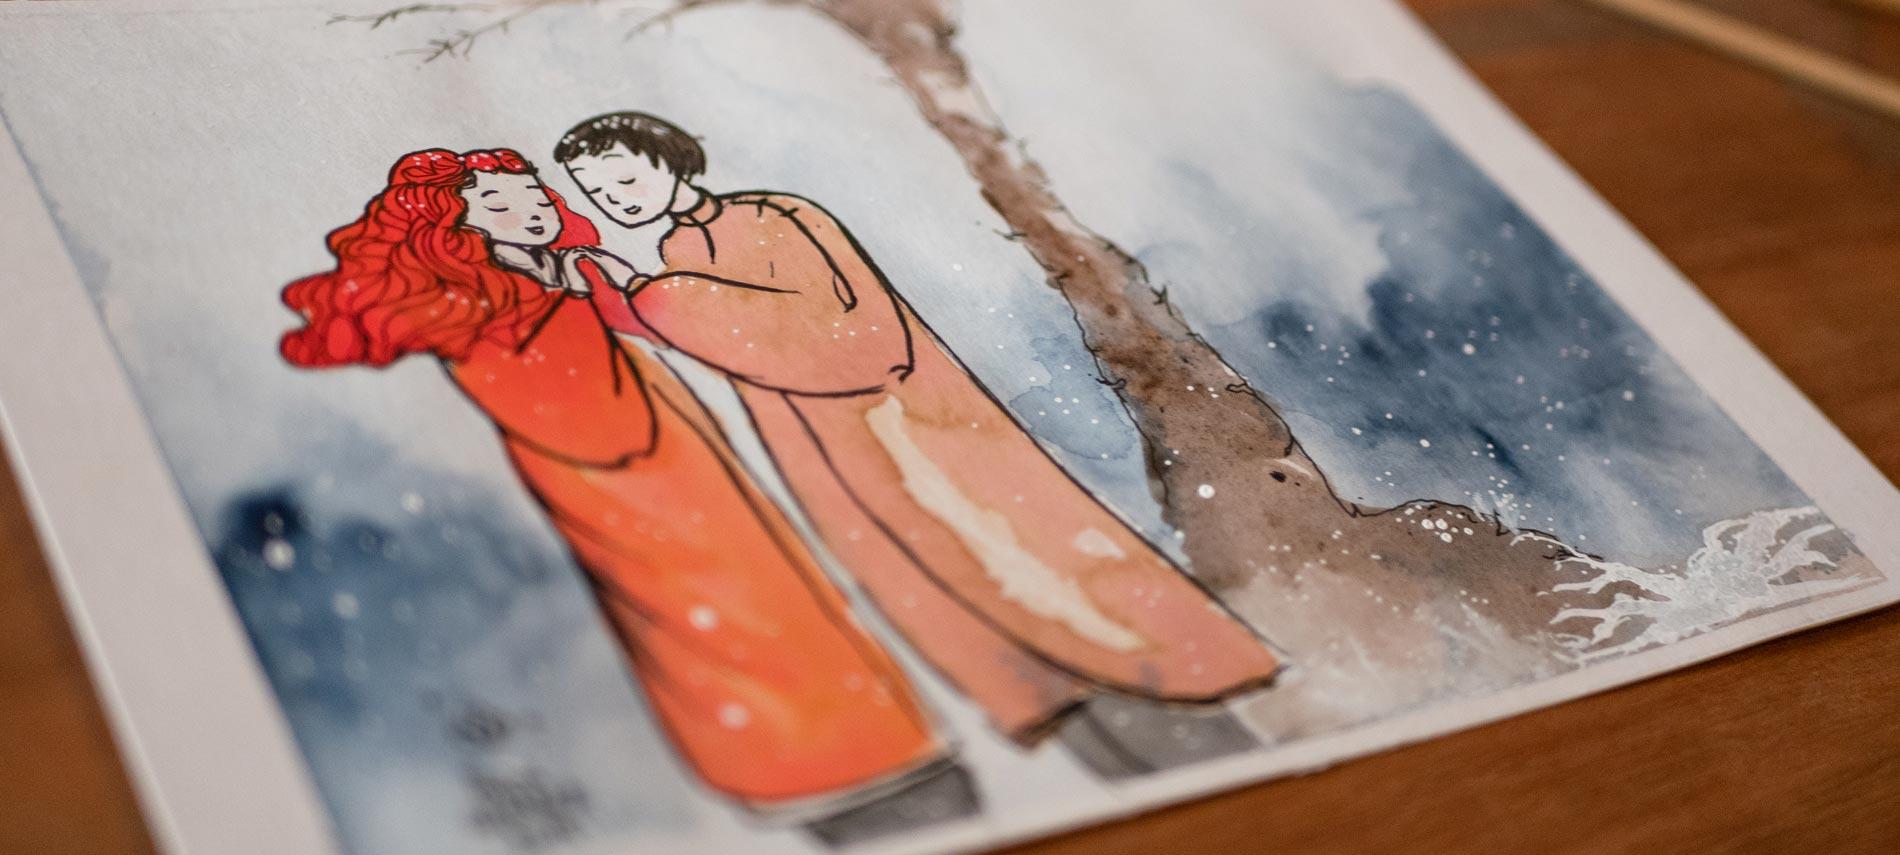 Rencontre des amoureux, Chant d'Hiver, art de Maïm Garnier, plus d'art et détails à découvrir sur Sansible. #aquarelle #illustration #characterdesign #artinspiration #MaimGarnier #sansible #neige #amoureux